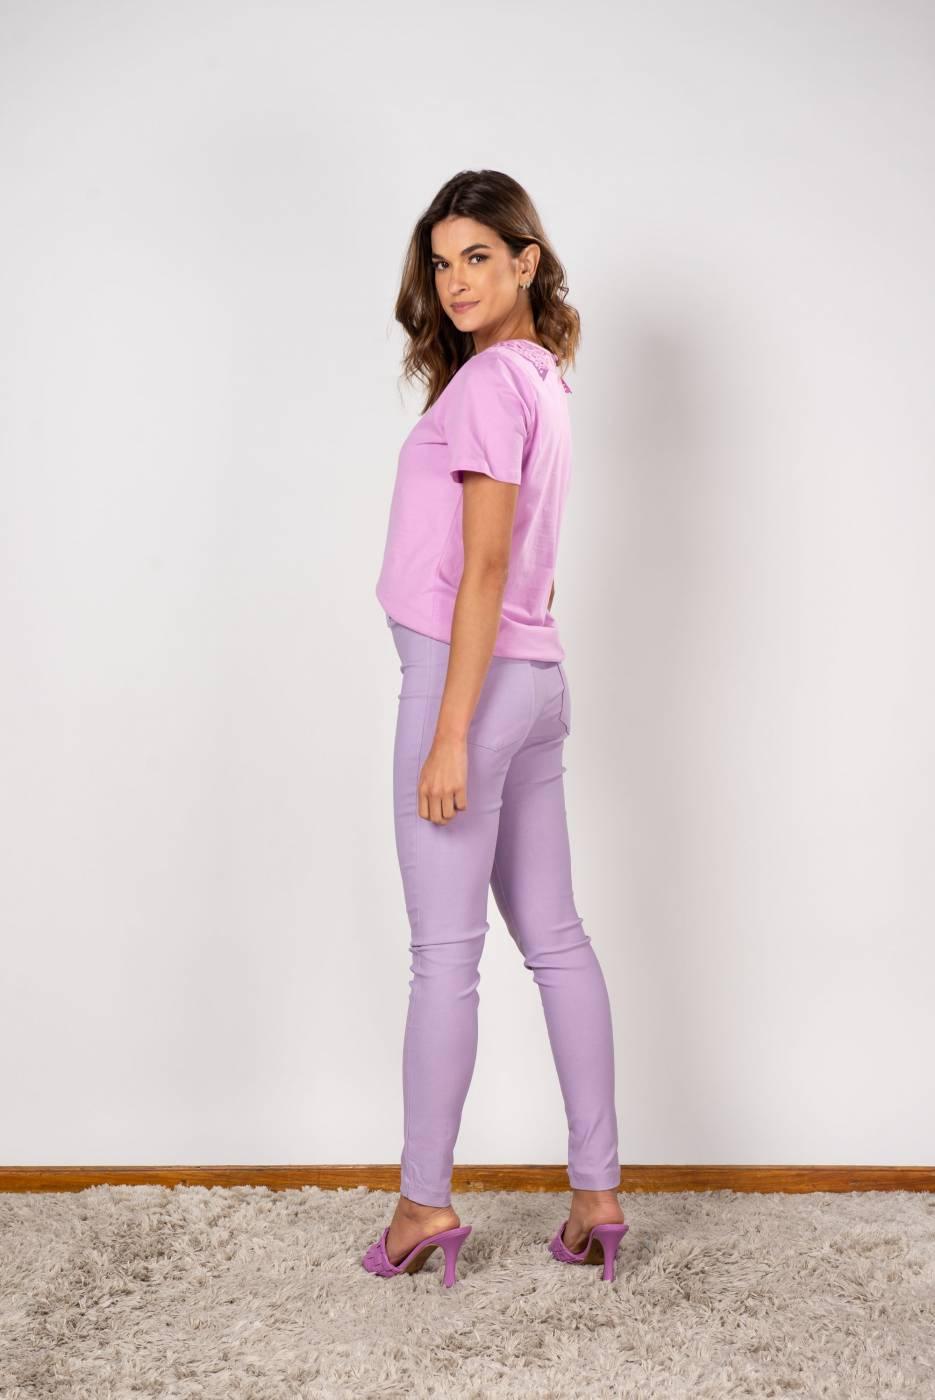 T-Shirt Gola Renda